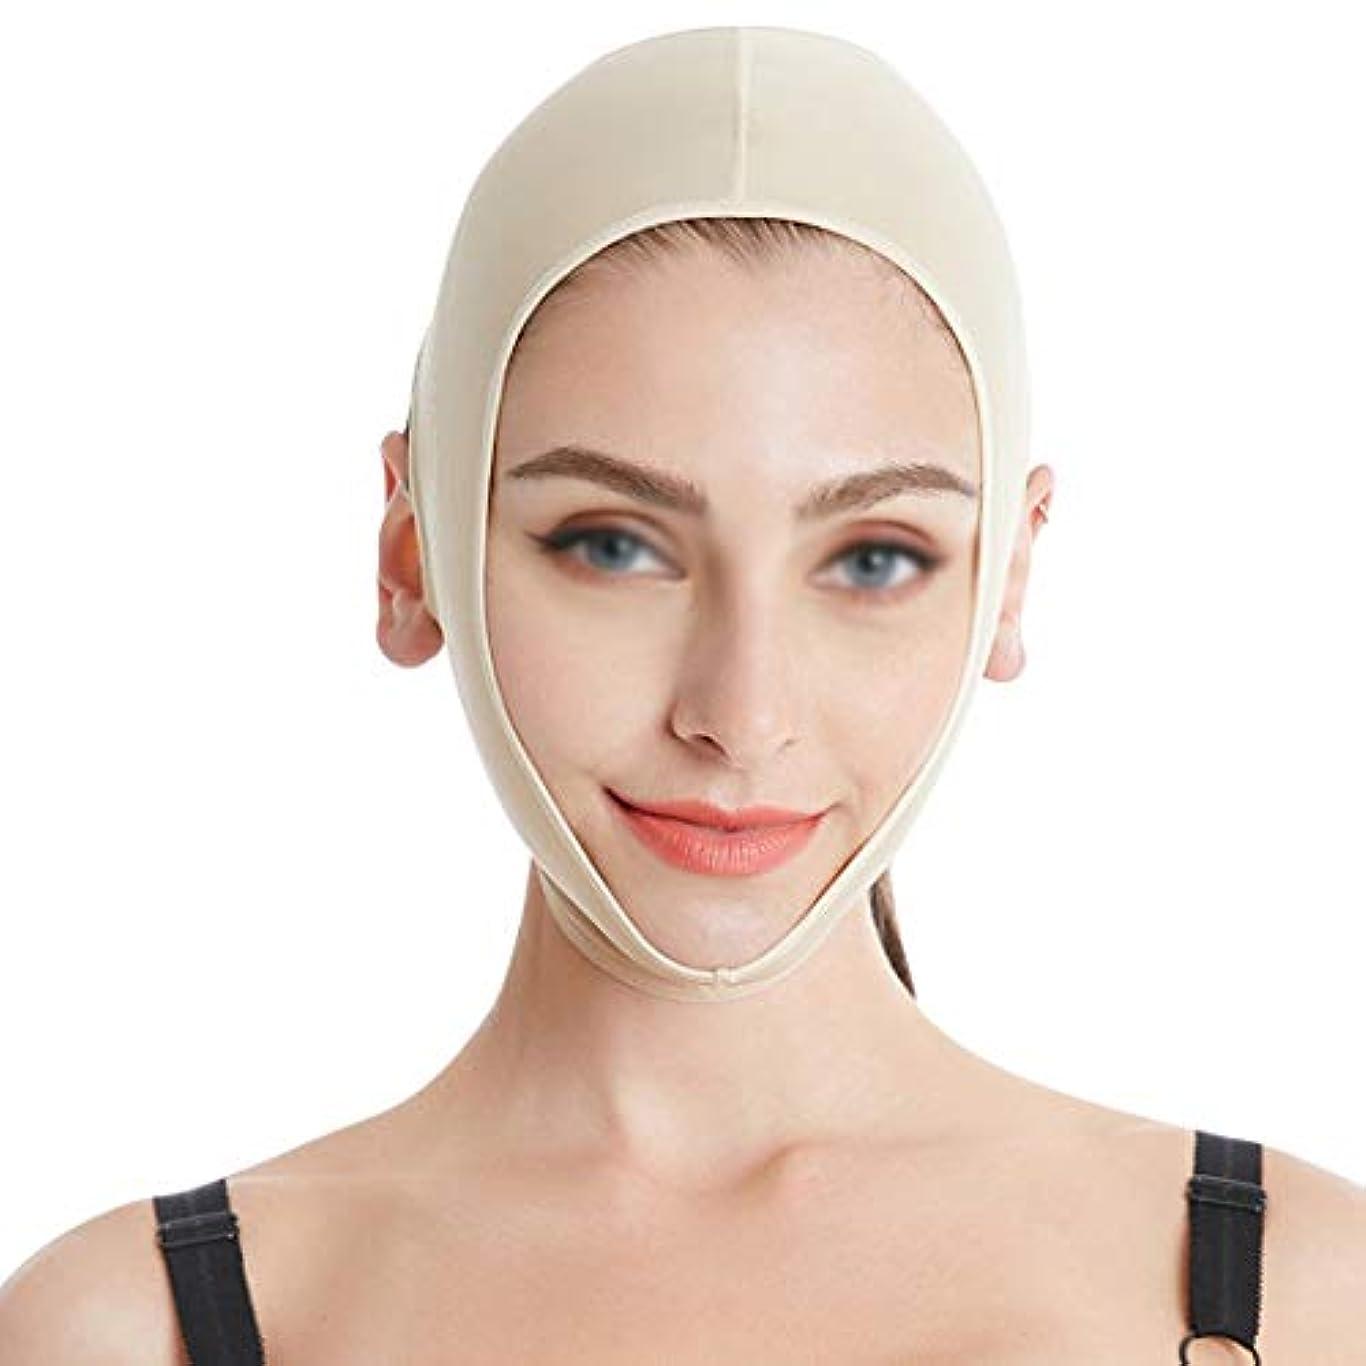 多様なミュウミュウ古代ZWBD フェイスマスク, 顔を持ち上げる包帯V顔薄い顔包帯マスク持ち上がる引き締め睡眠フード顔彫刻形状を二重あごに (Size : L)